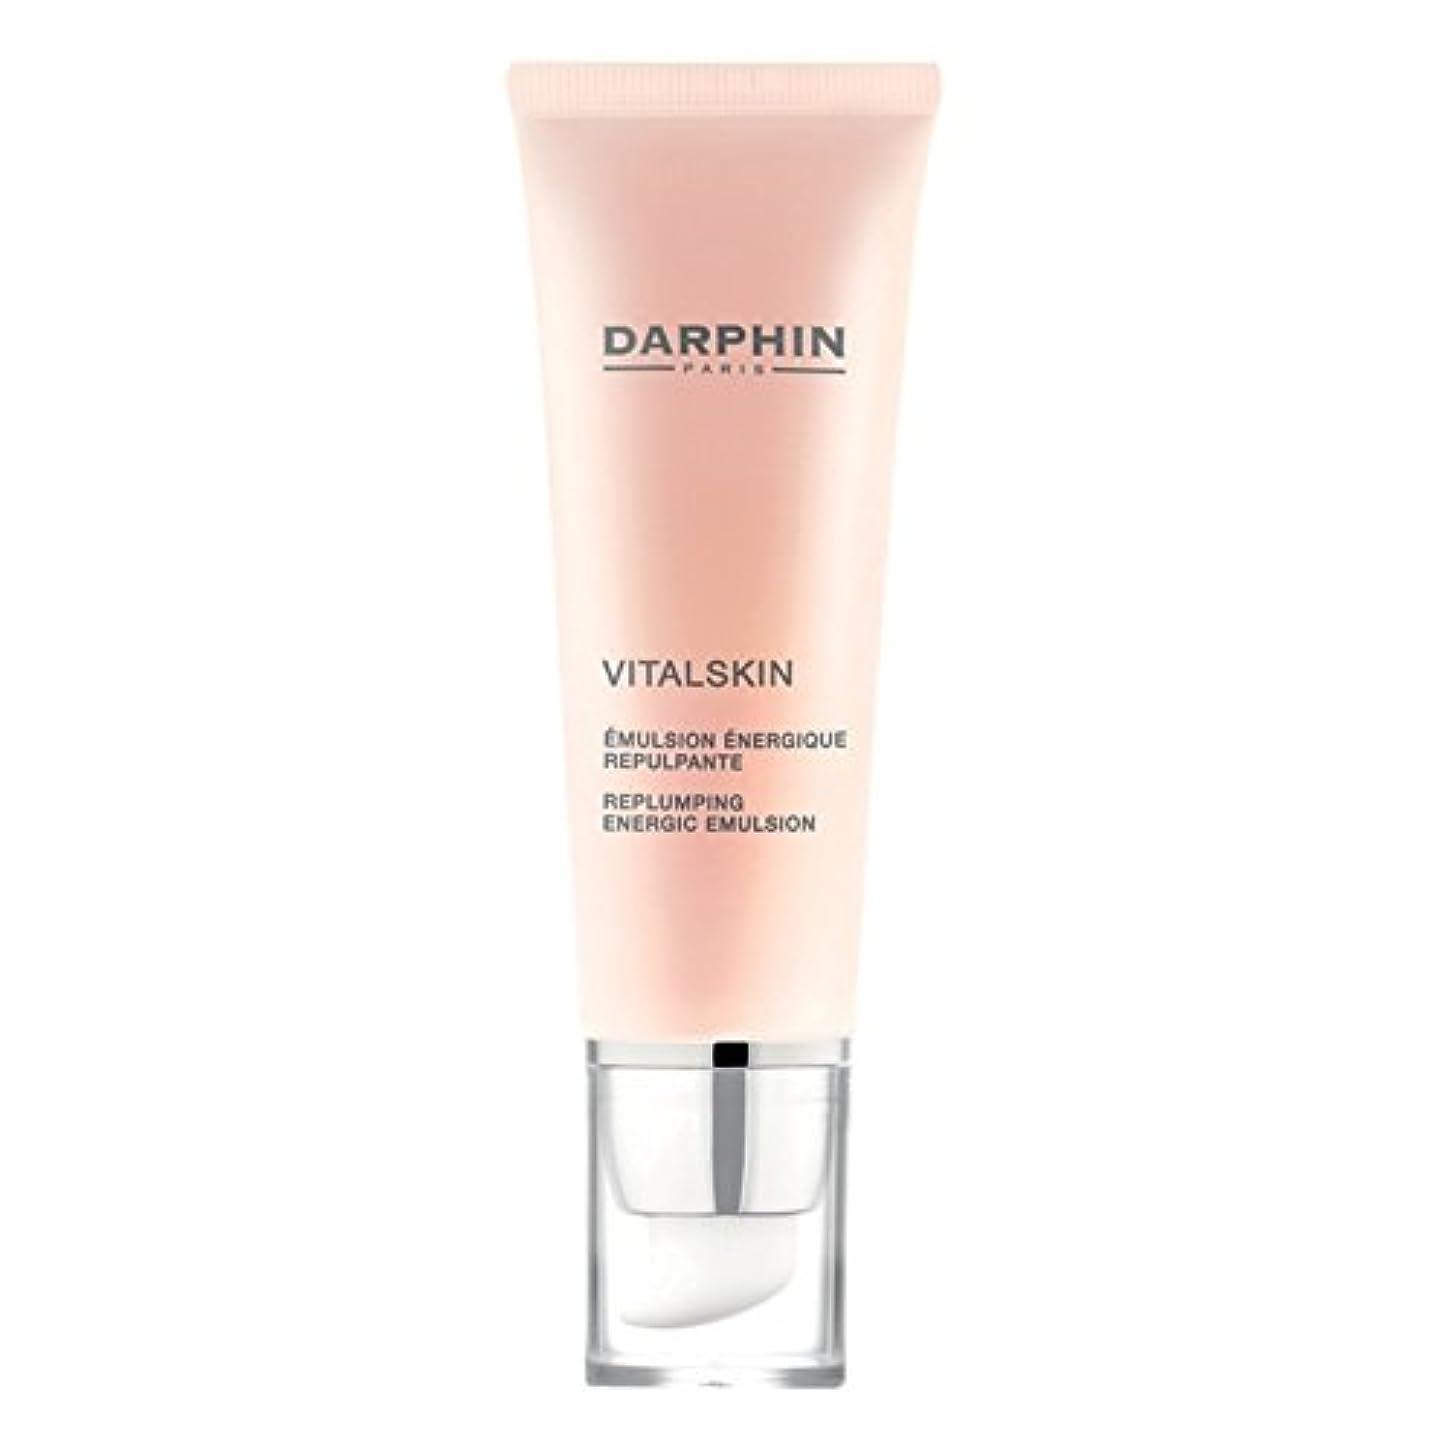 薬用計画しおれたEnergicエマルジョンをReplumping Vitalskinダルファン、50ミリリットル (Darphin) - Darphin Vitalskin Replumping Energic Emulsion, 50ml...